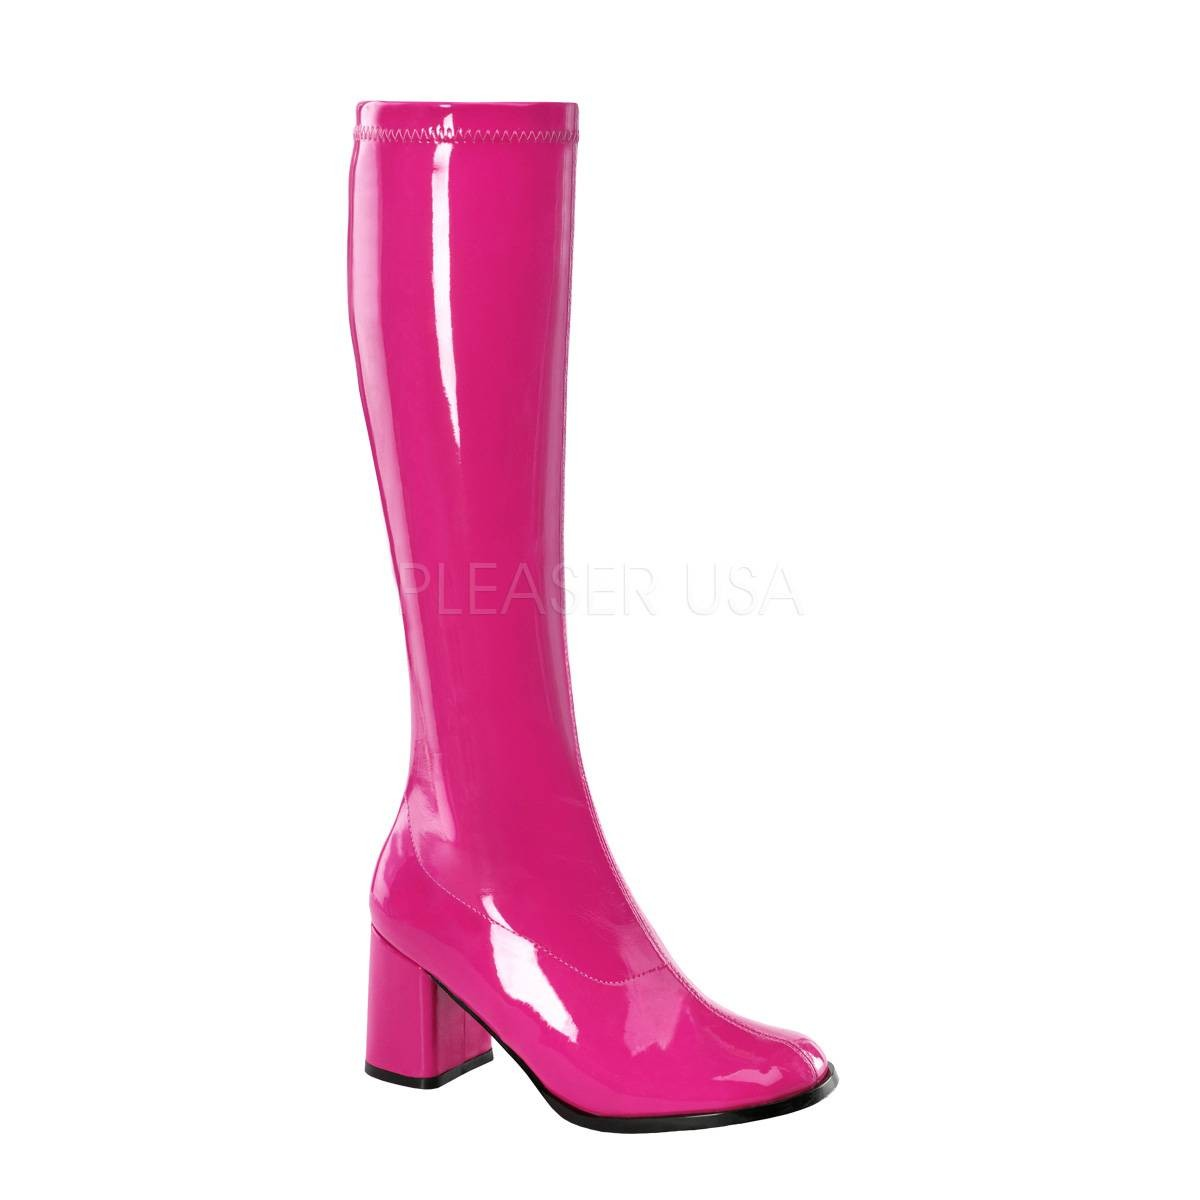 Stiefel - GOGO 300 ° Damen Stiefel ° Pink Glänzend ° Funtasma  - Onlineshop RedSixty